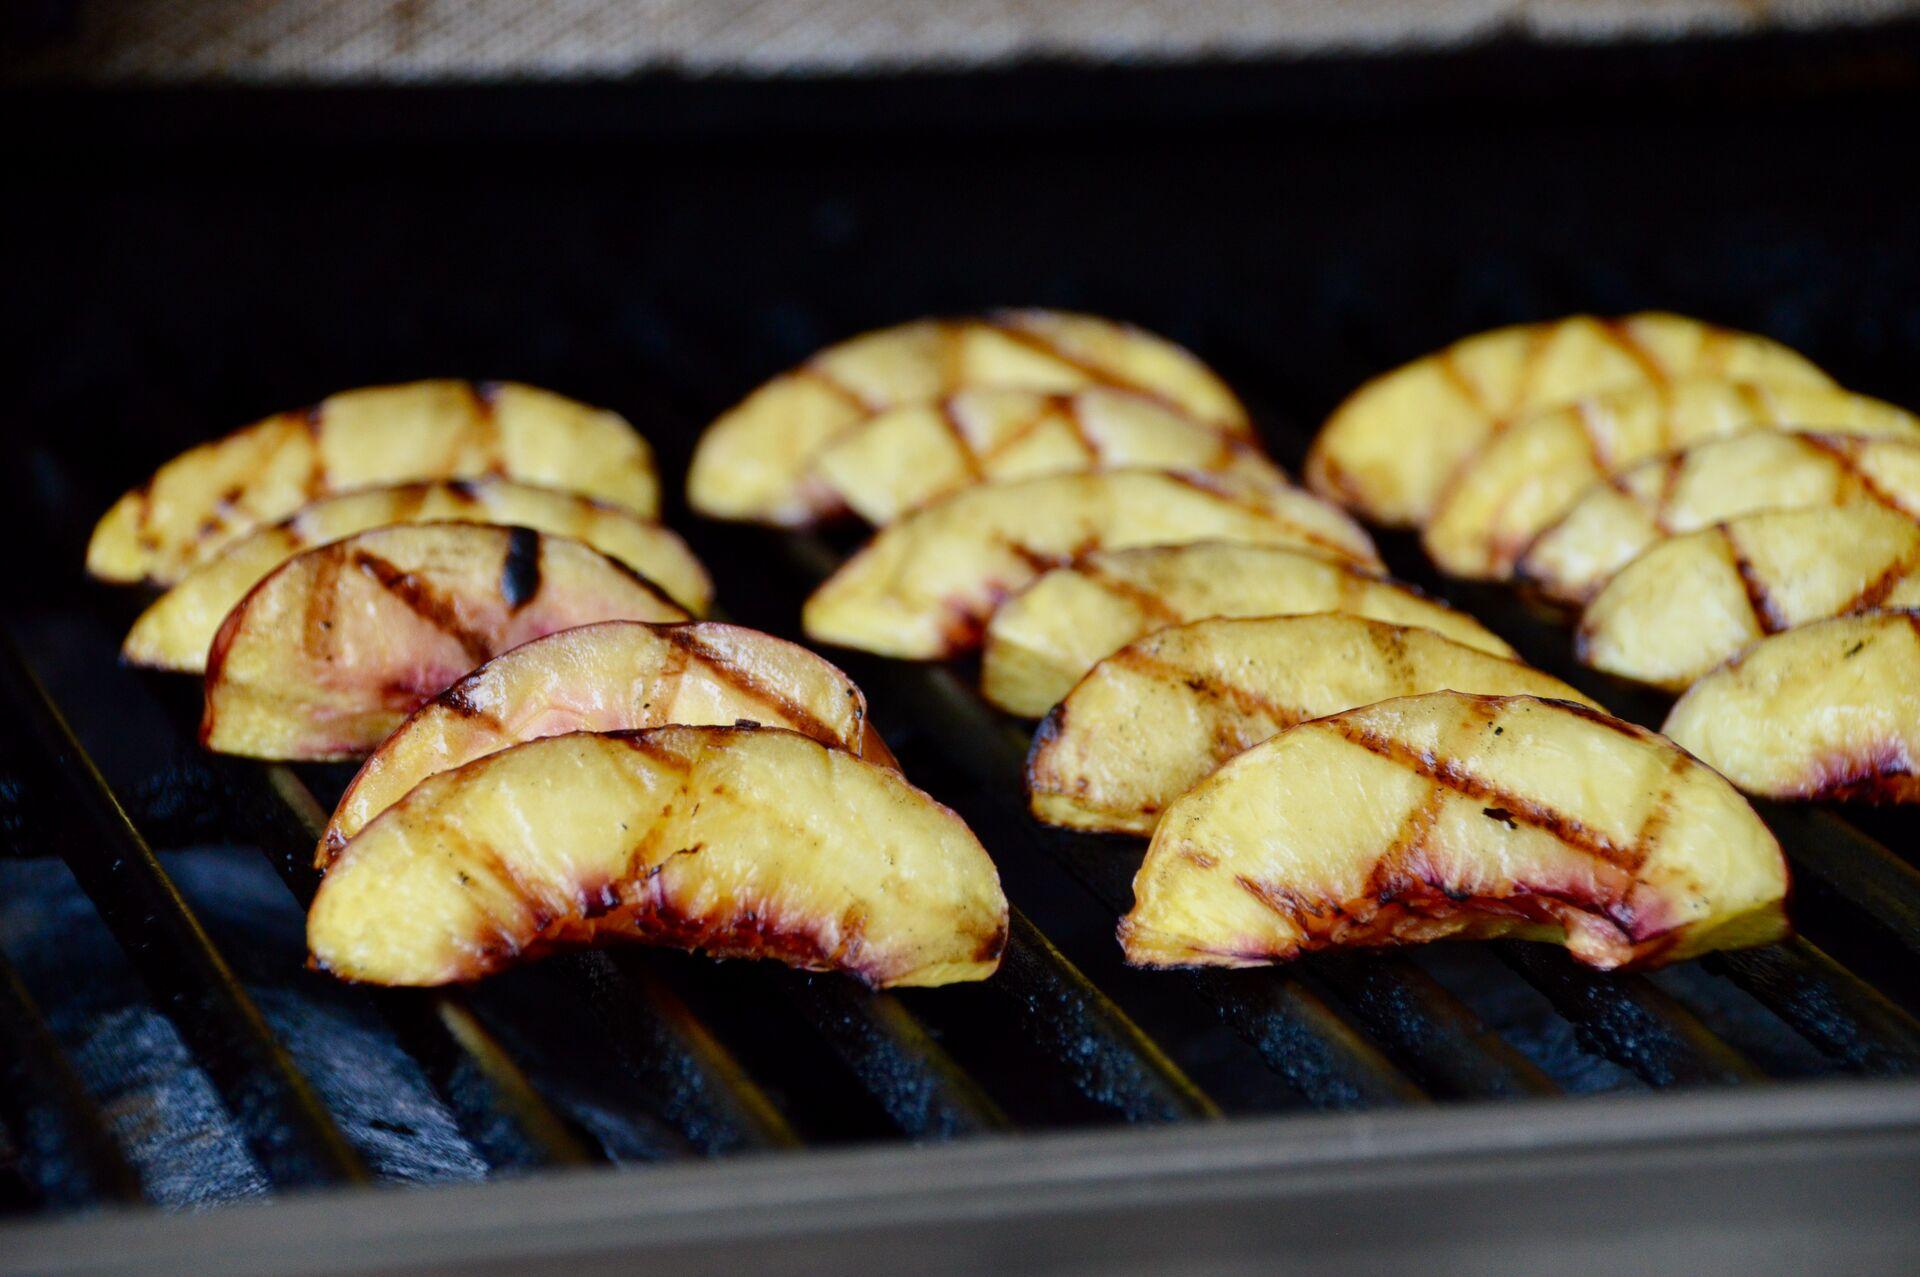 Pfirsichspalten auf dem Grill